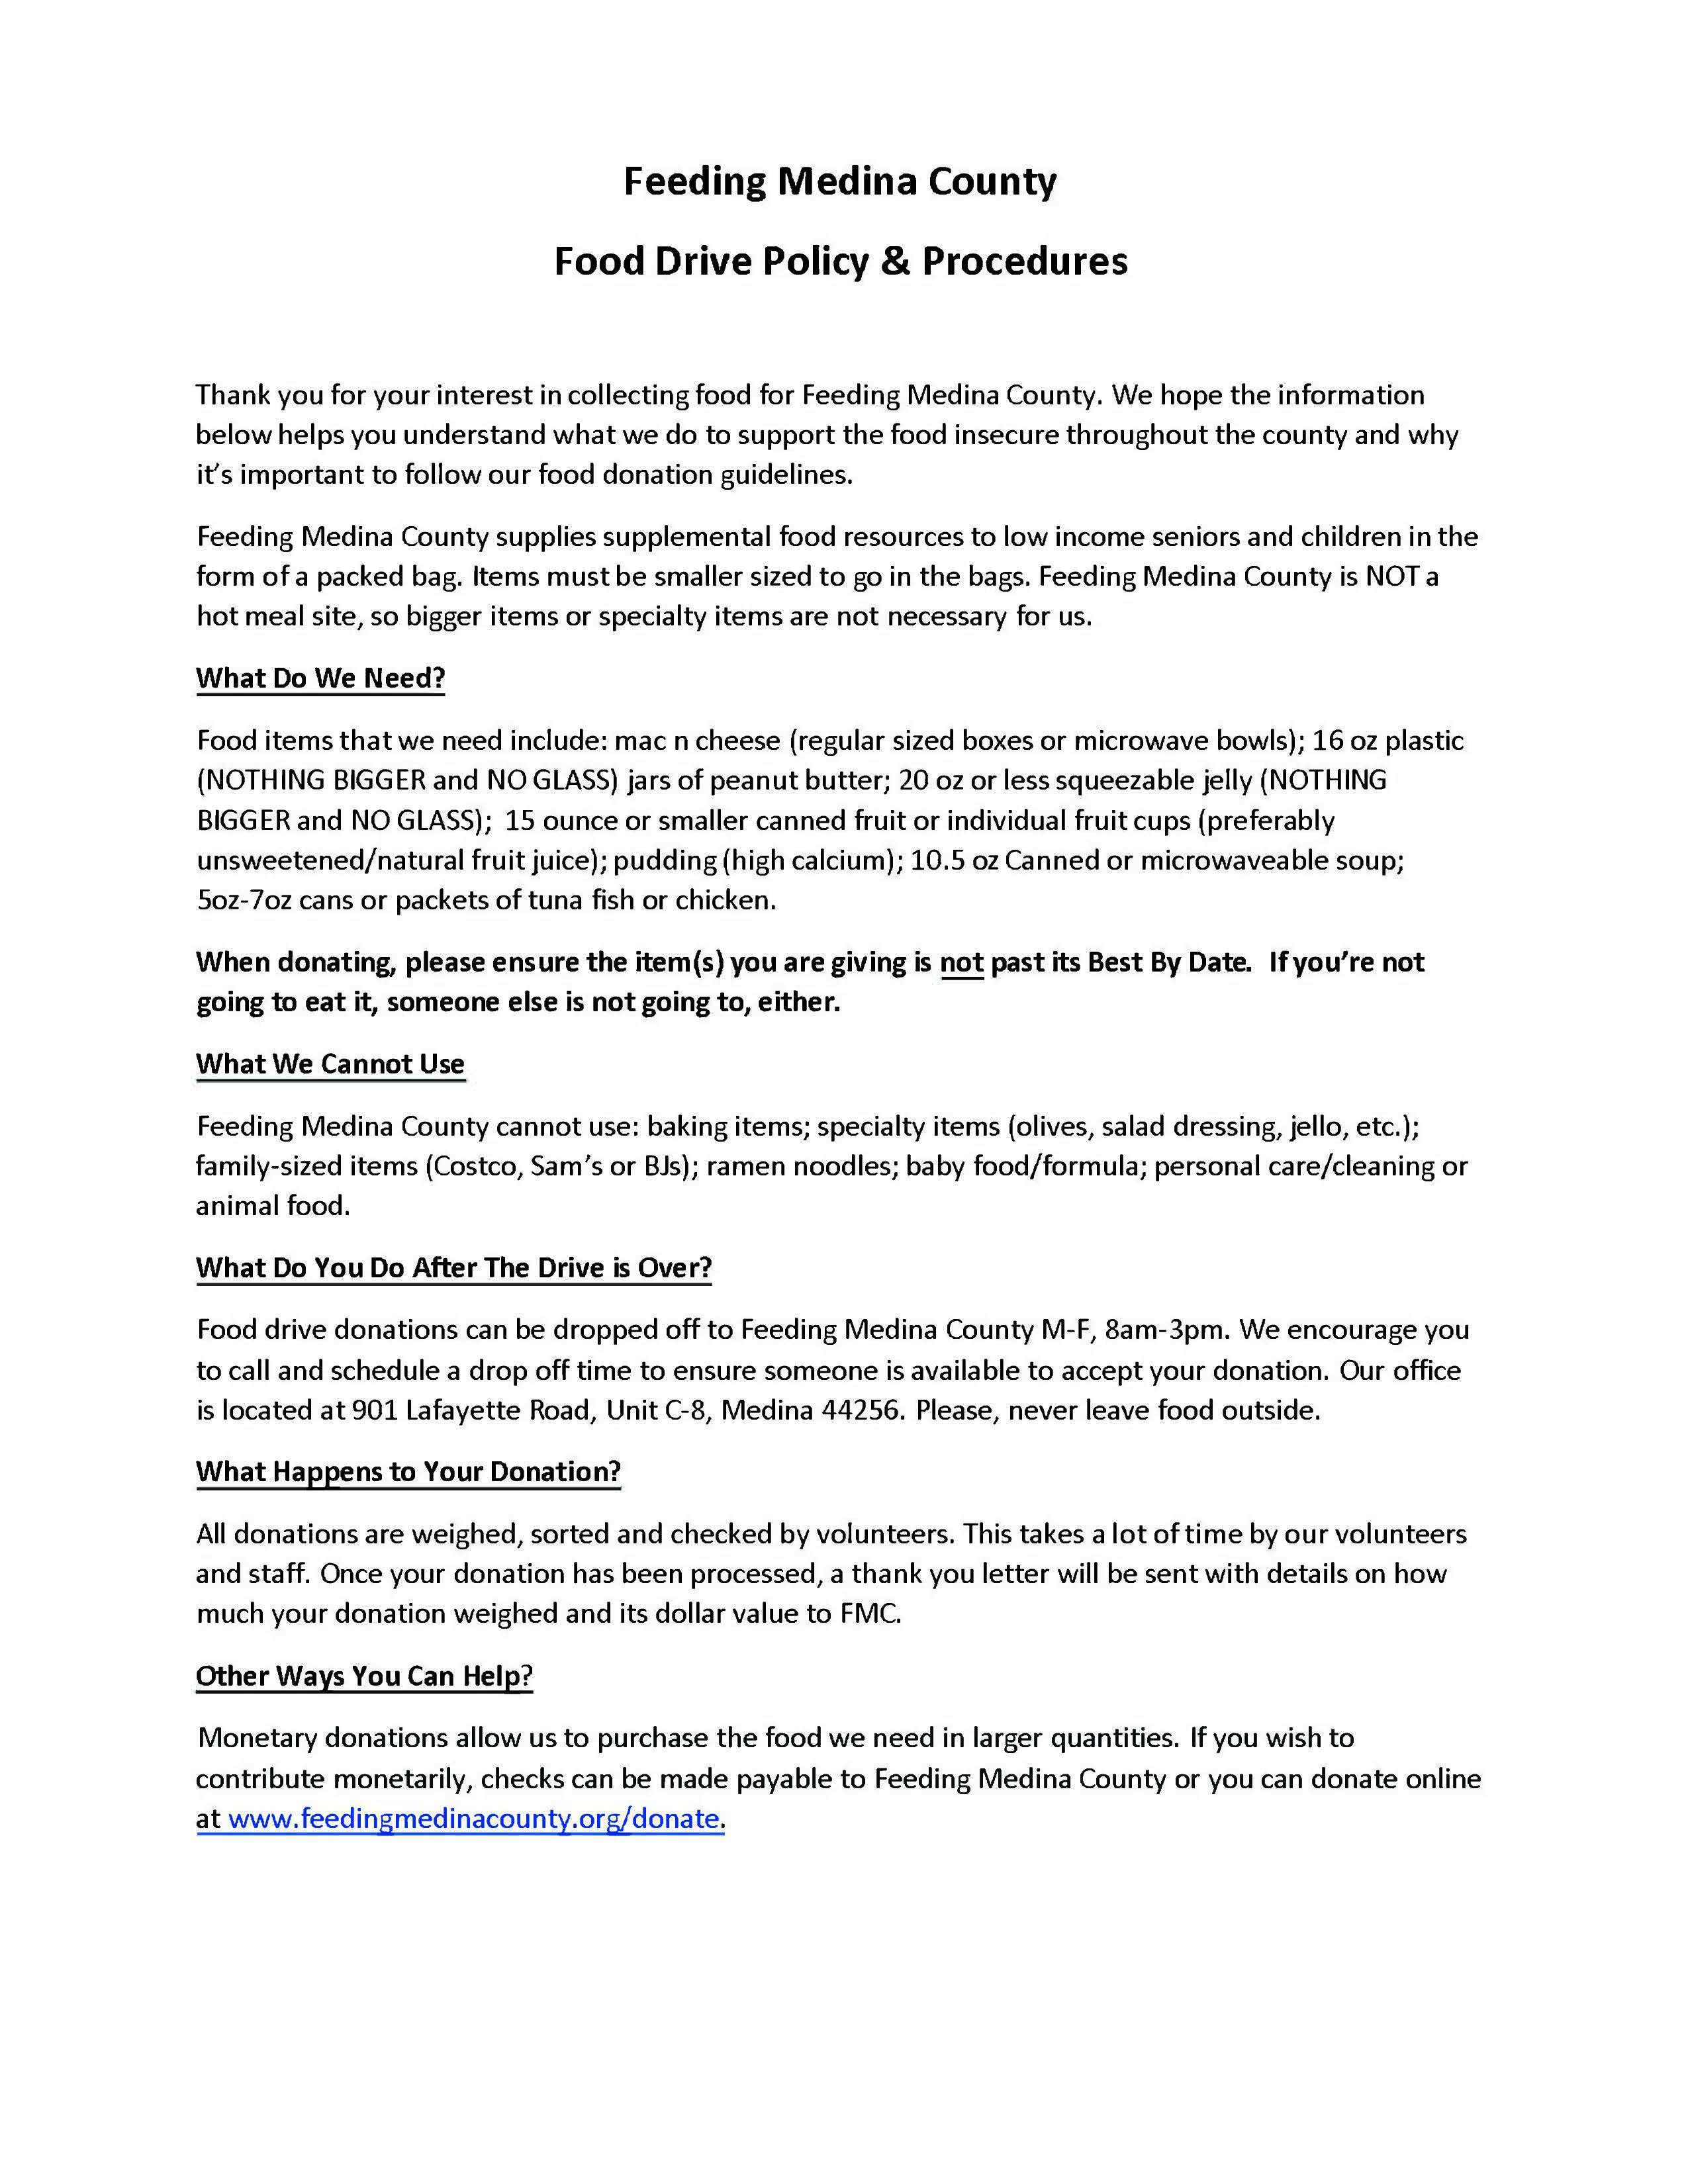 Feeding Medina County food donation guidelines